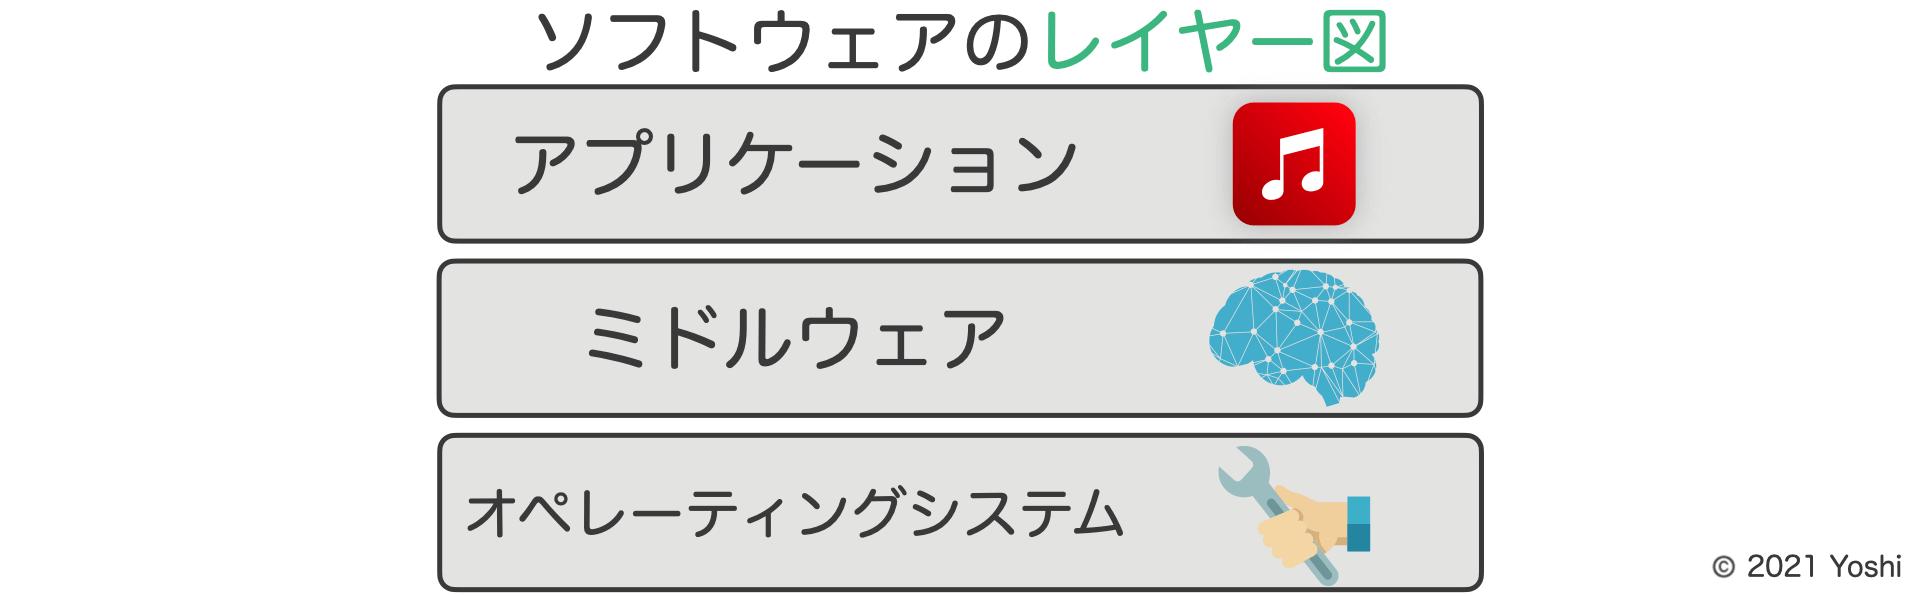 ソフトウェアレイヤー図(アプリケーションレイヤー・ミドルウェアレイヤー・オペレーティングシステムレイヤー)